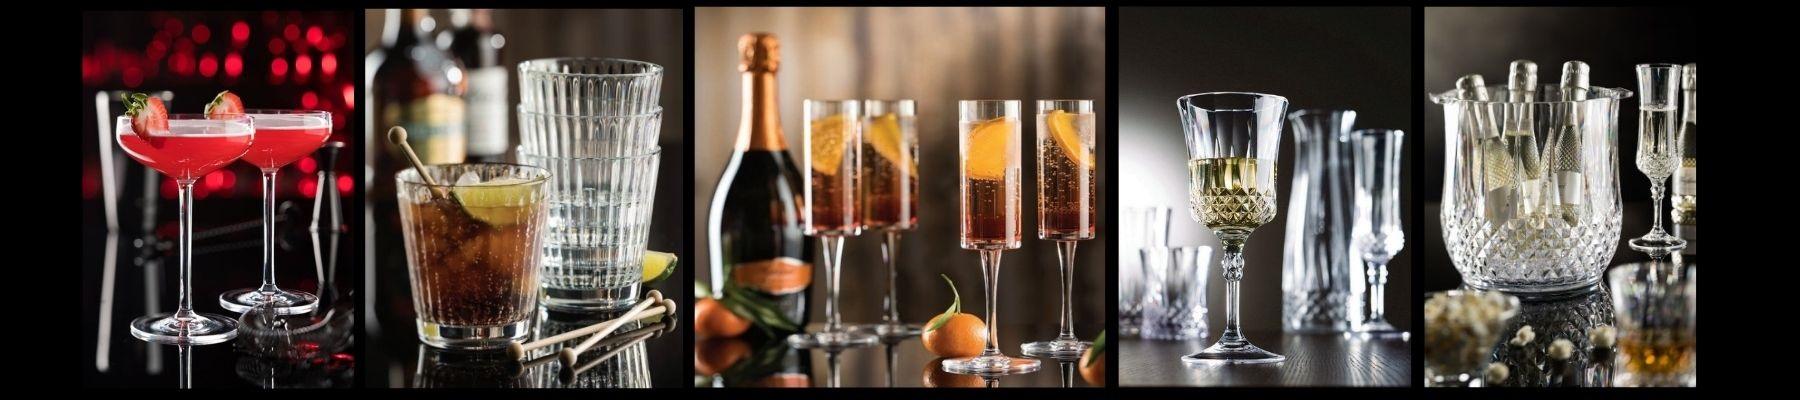 Utopia Champagne Glasses